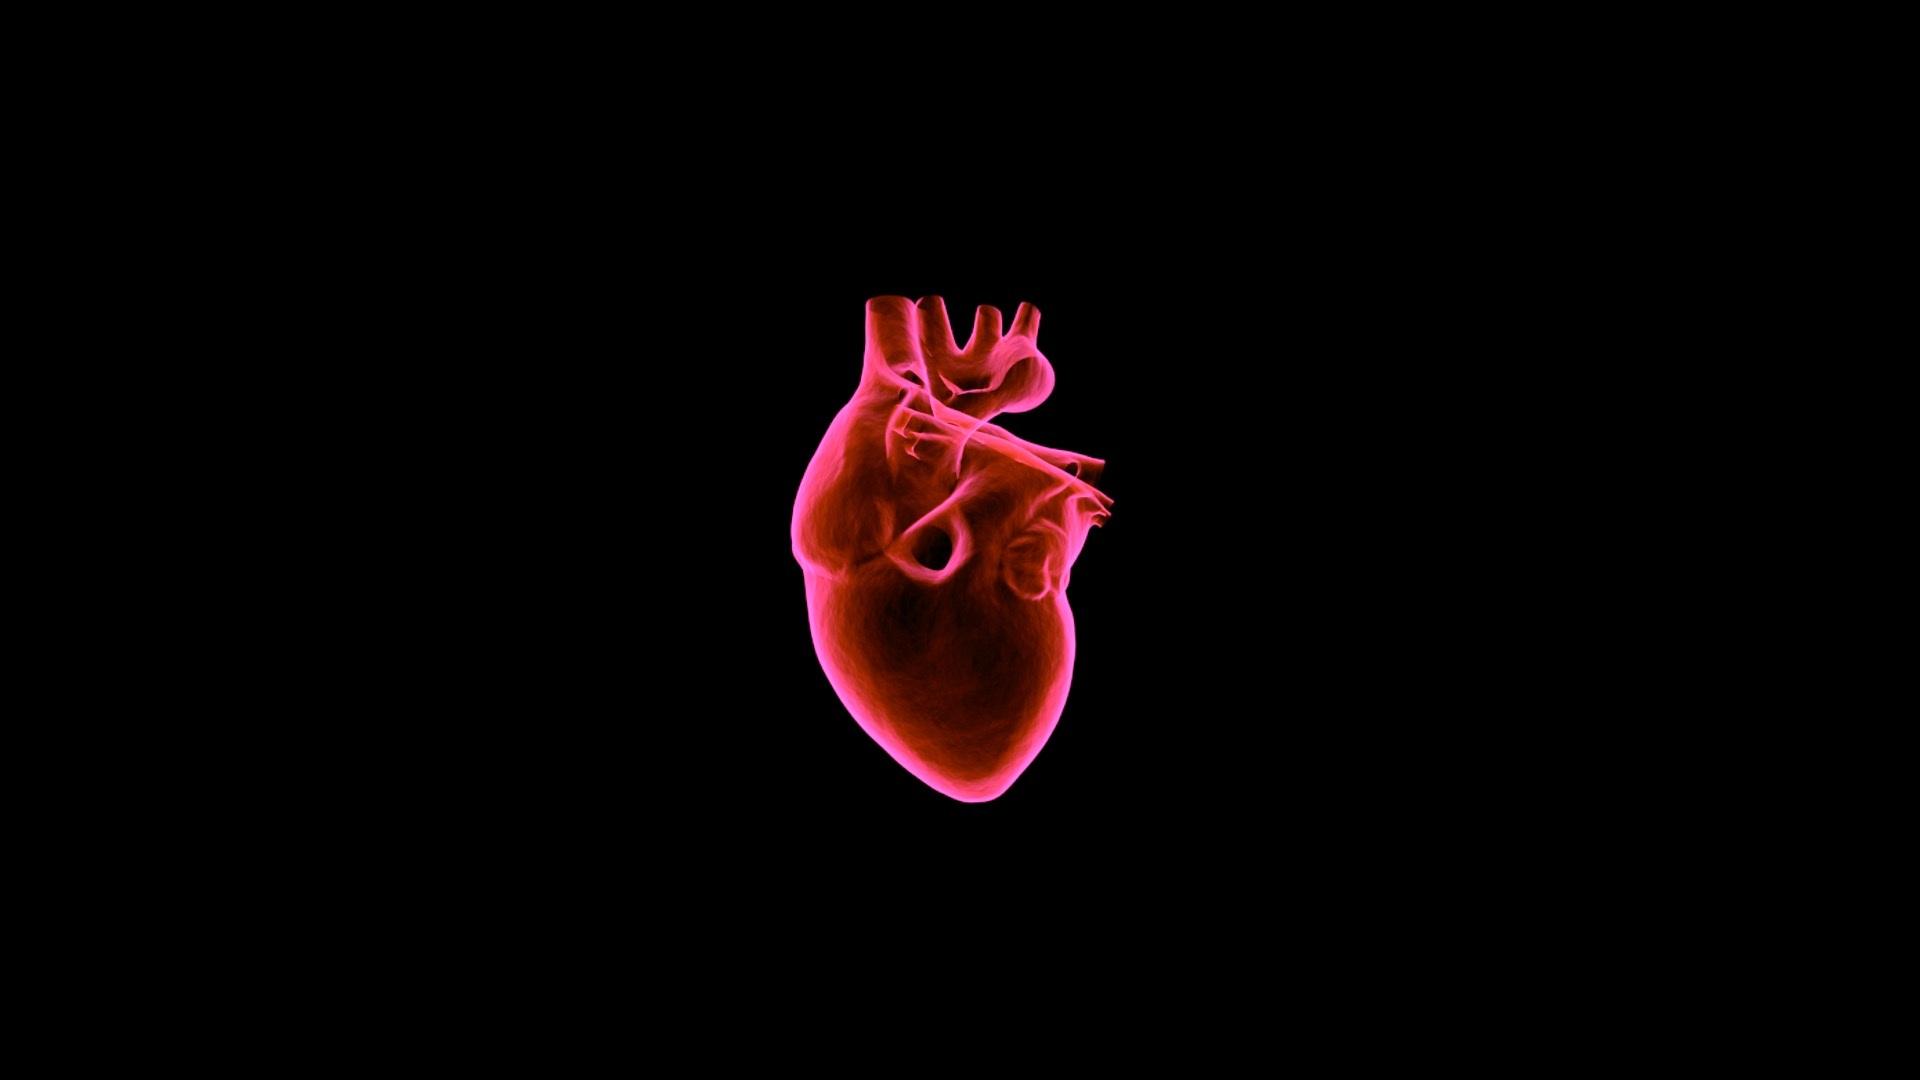 rezultate multiple subțiri arderea grăsimilor de organe